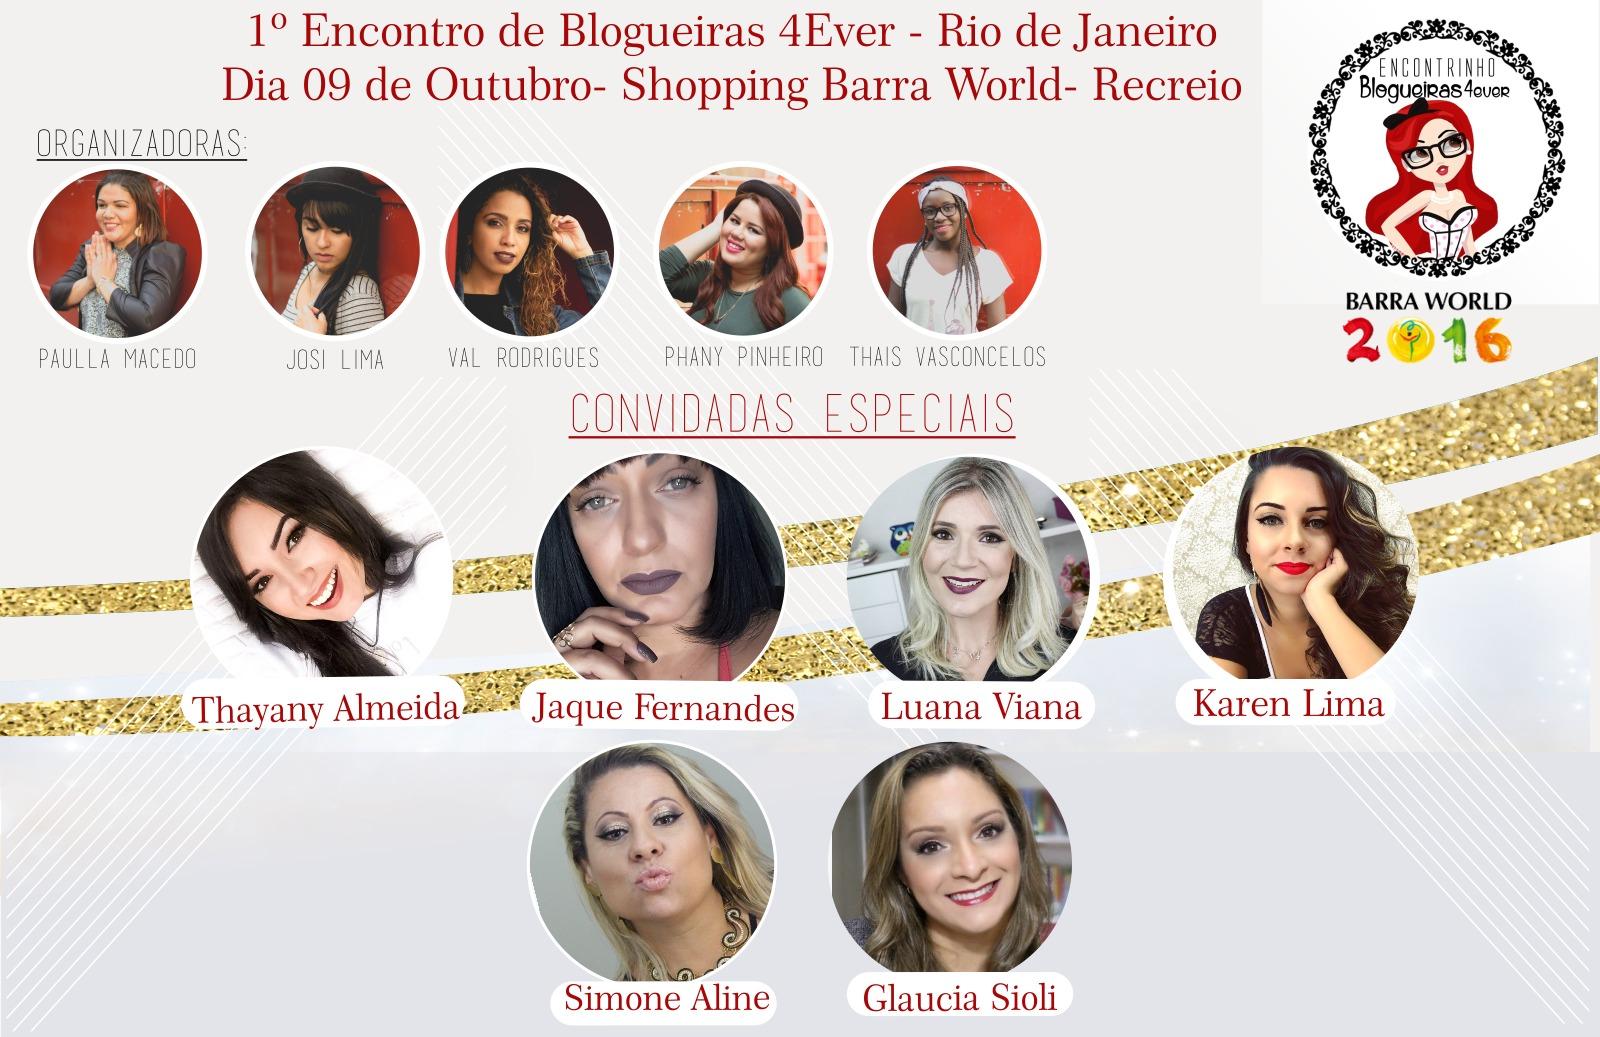 Convite para o Encontrinho Blogueiras 4Ever